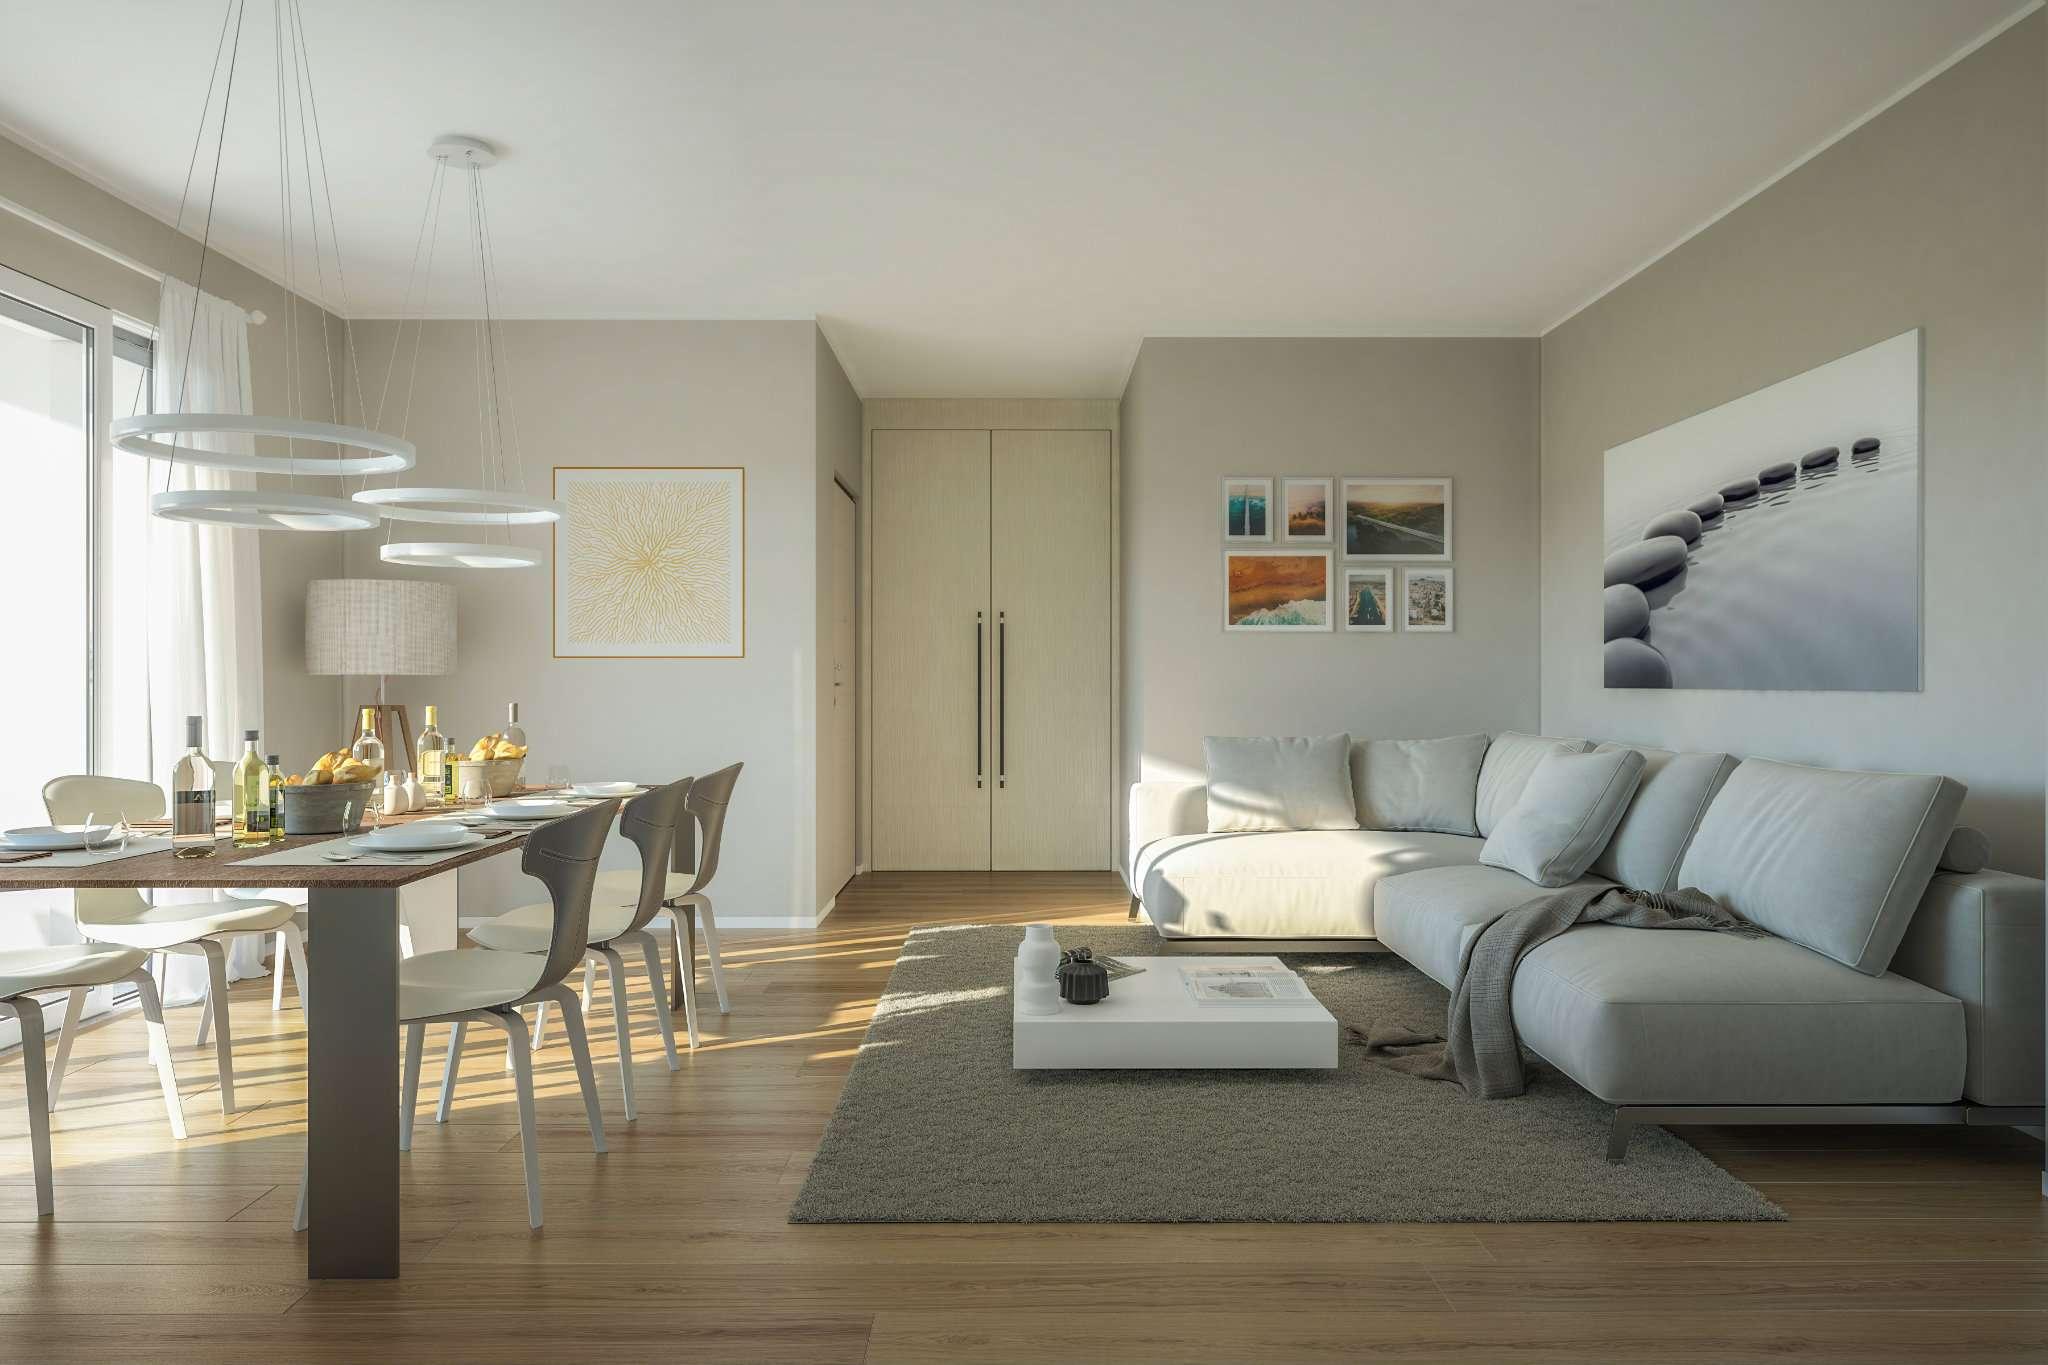 Appartamento in vendita a Varallo, 4 locali, prezzo € 288.000 | PortaleAgenzieImmobiliari.it